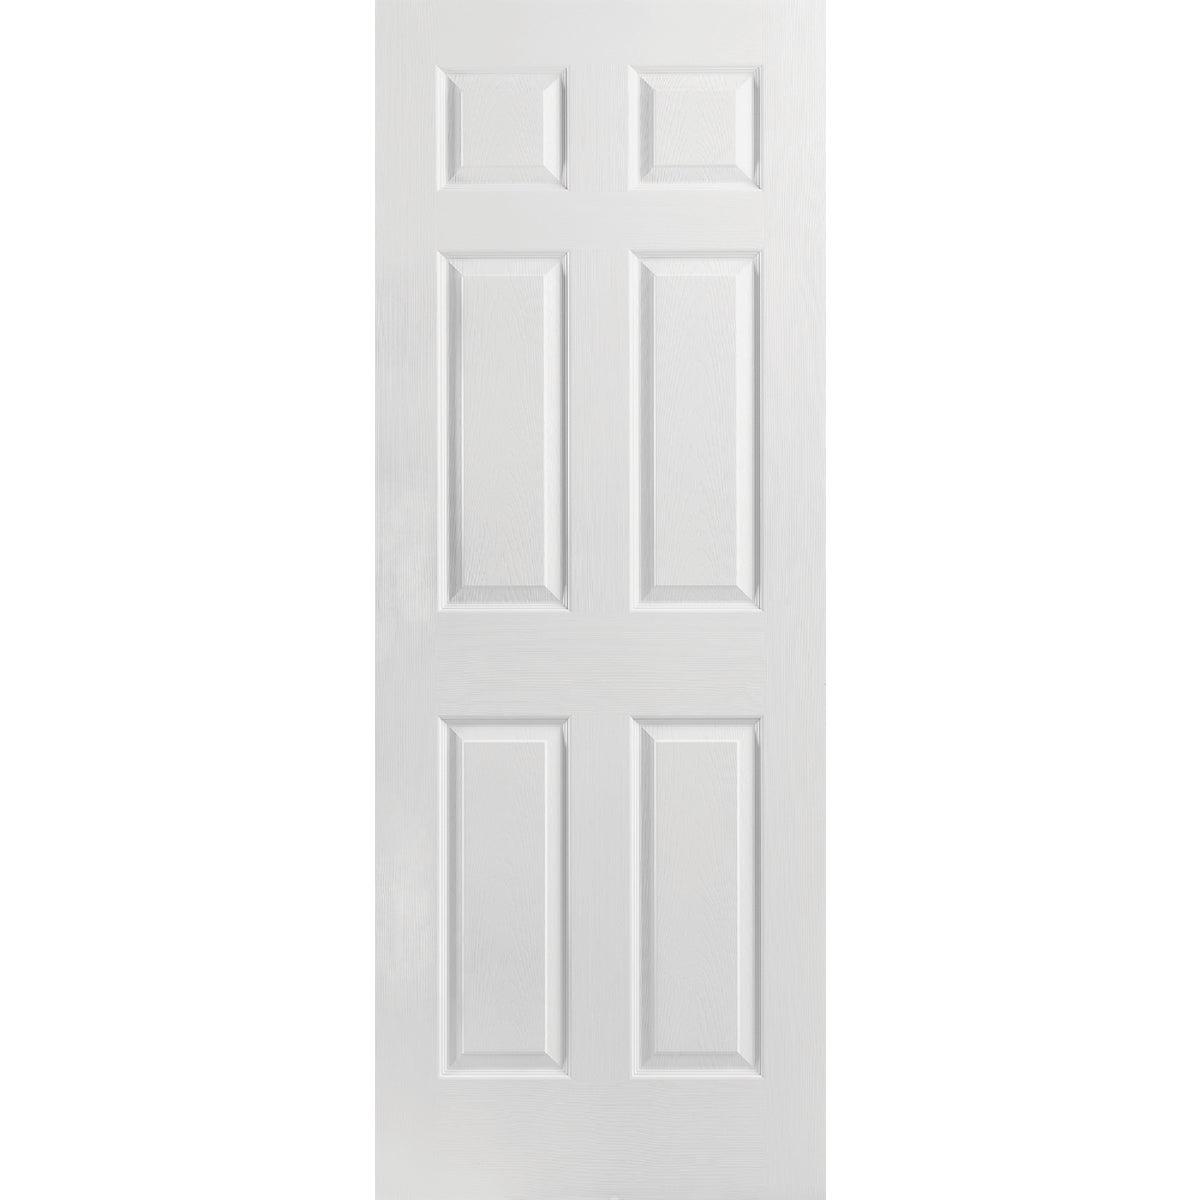 2/8 1-3/8 6PN TX HC DOOR